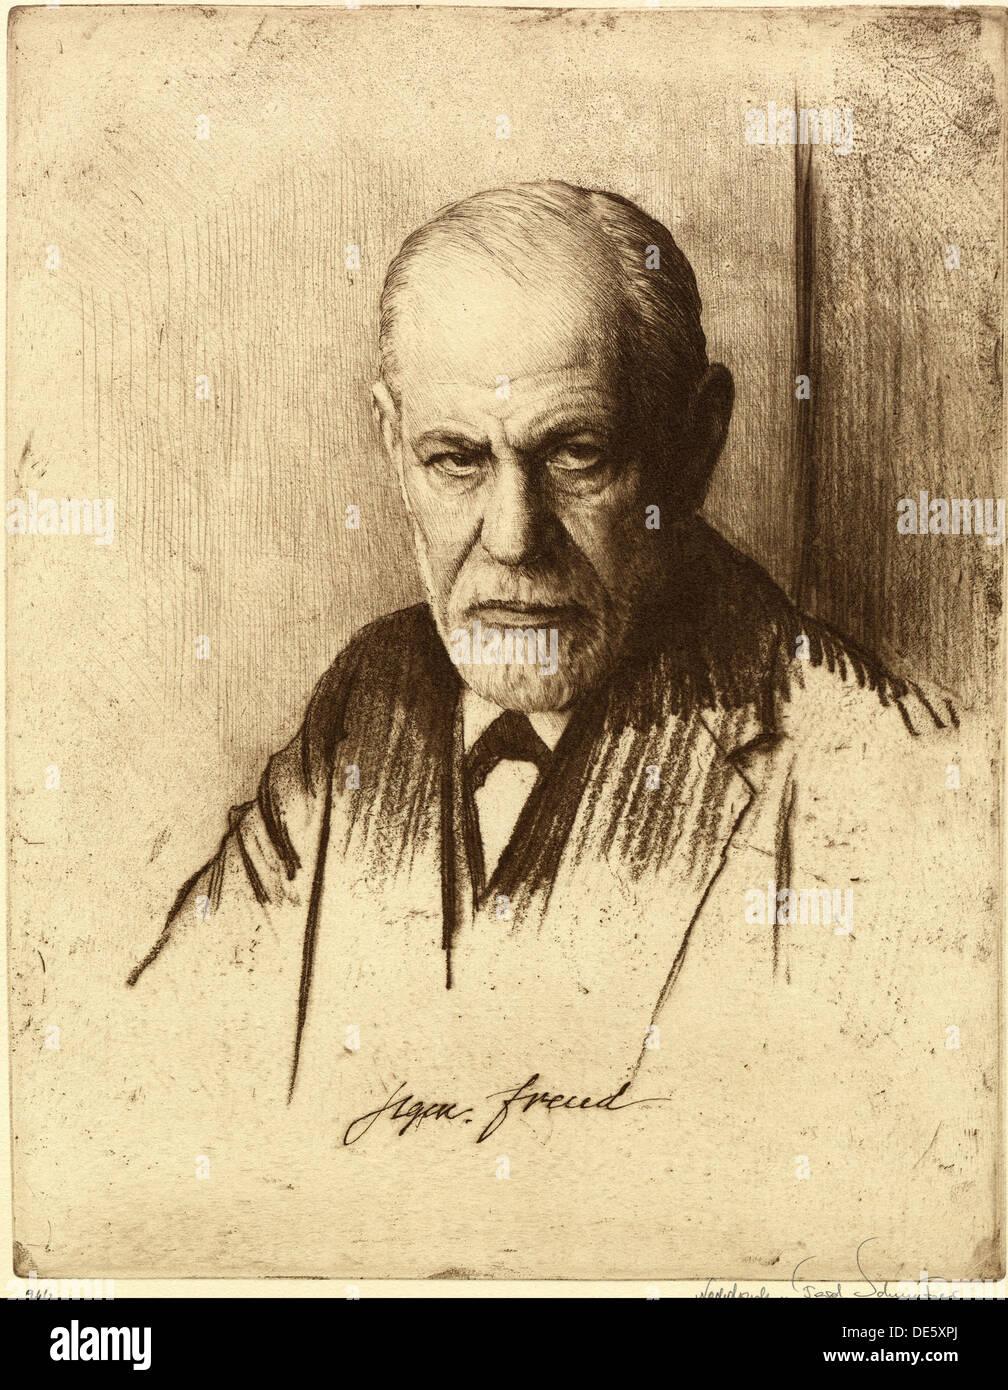 Portrait of Sigmund Freud (1856-1939), 1926. Artist: Schmutzer, Ferdinand (1870-1928) Stock Photo